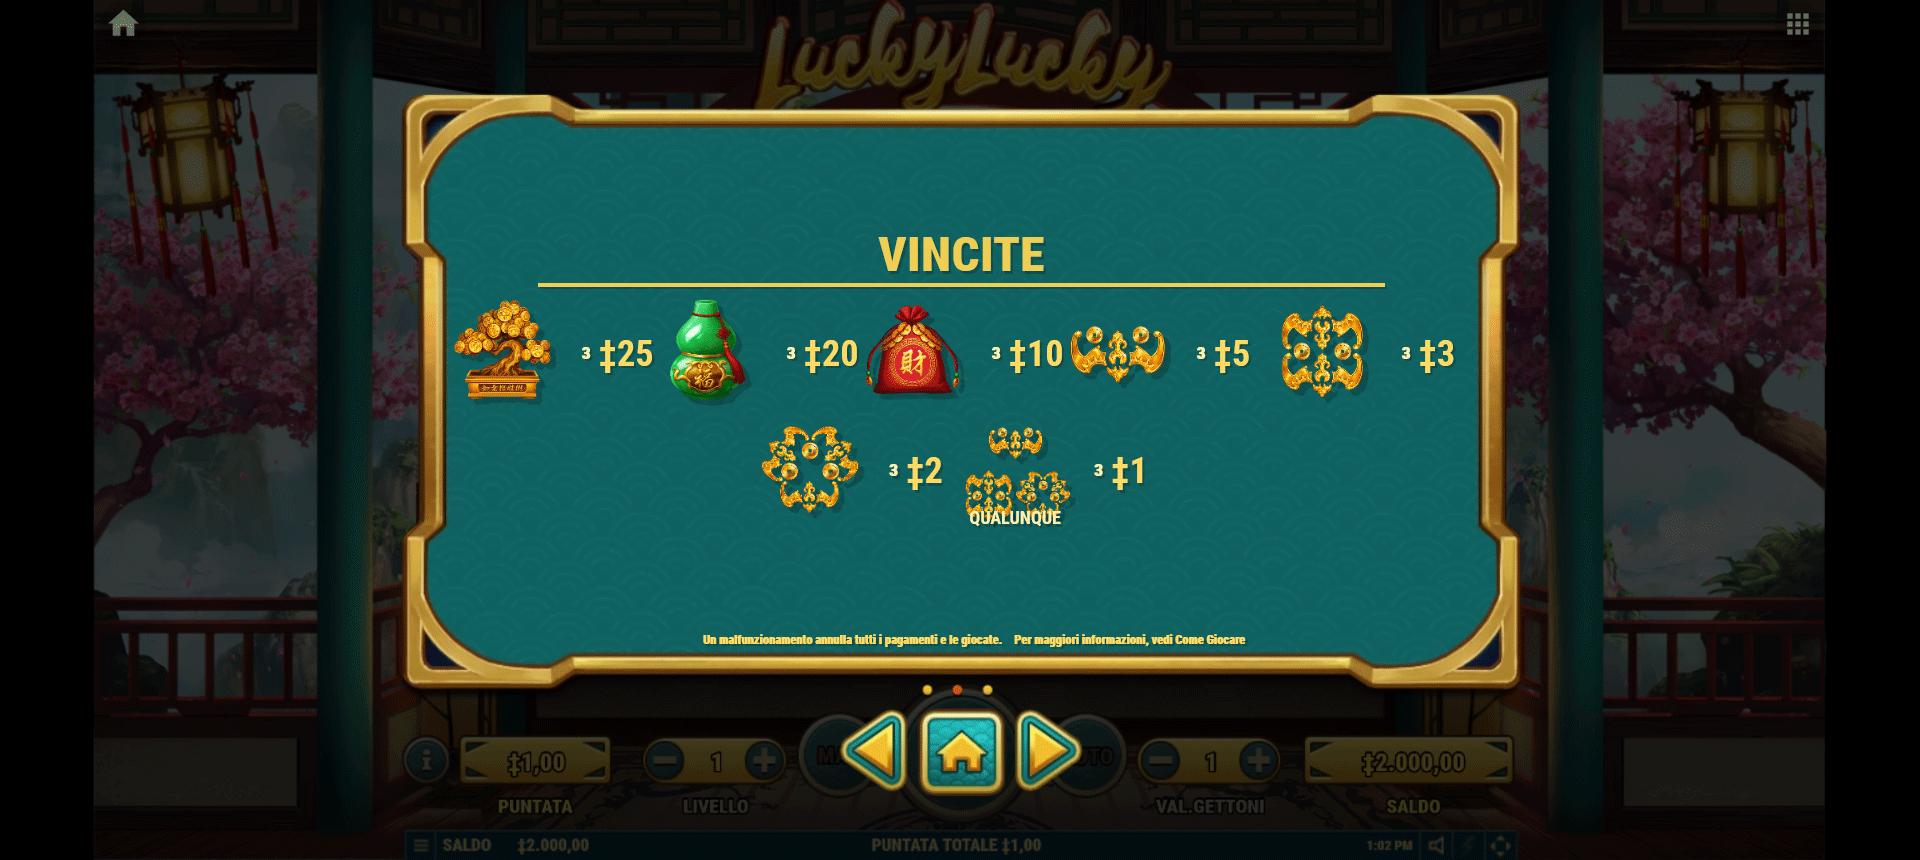 tabella dei simboli della slot online lucky lucky